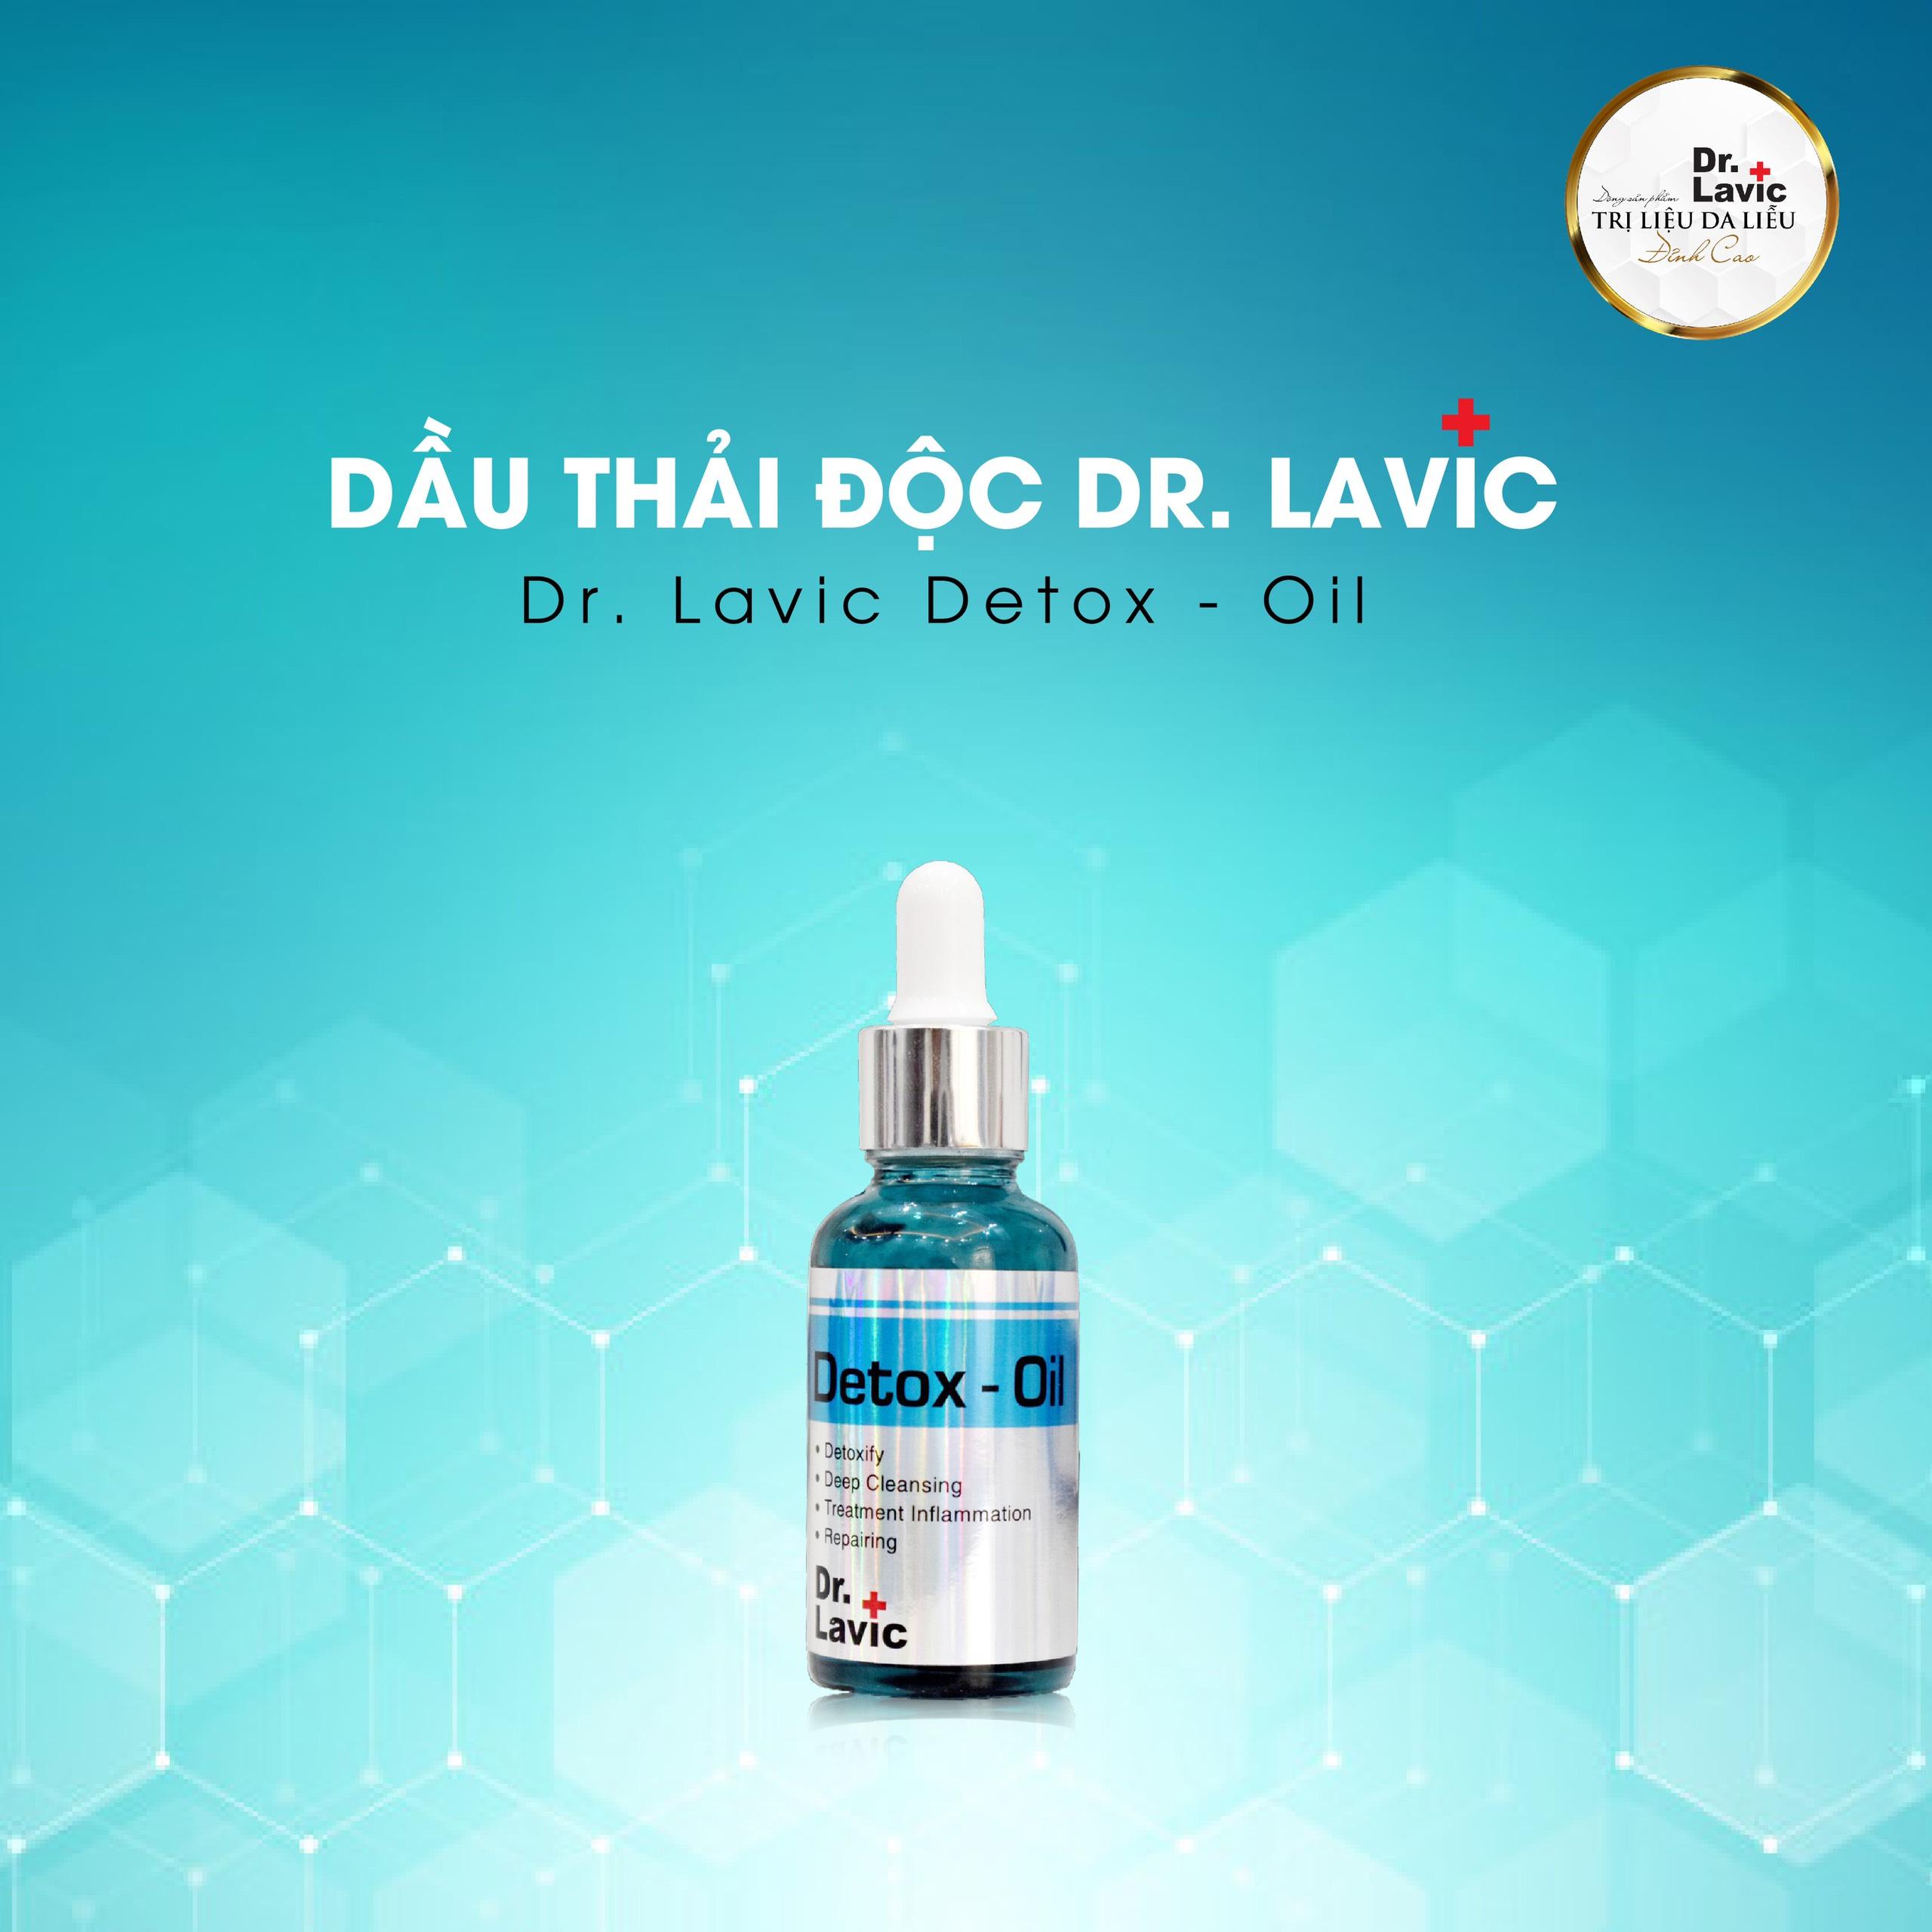 Dầu thải độc Dr Lavic - Dr.Lacvic Detox Oil